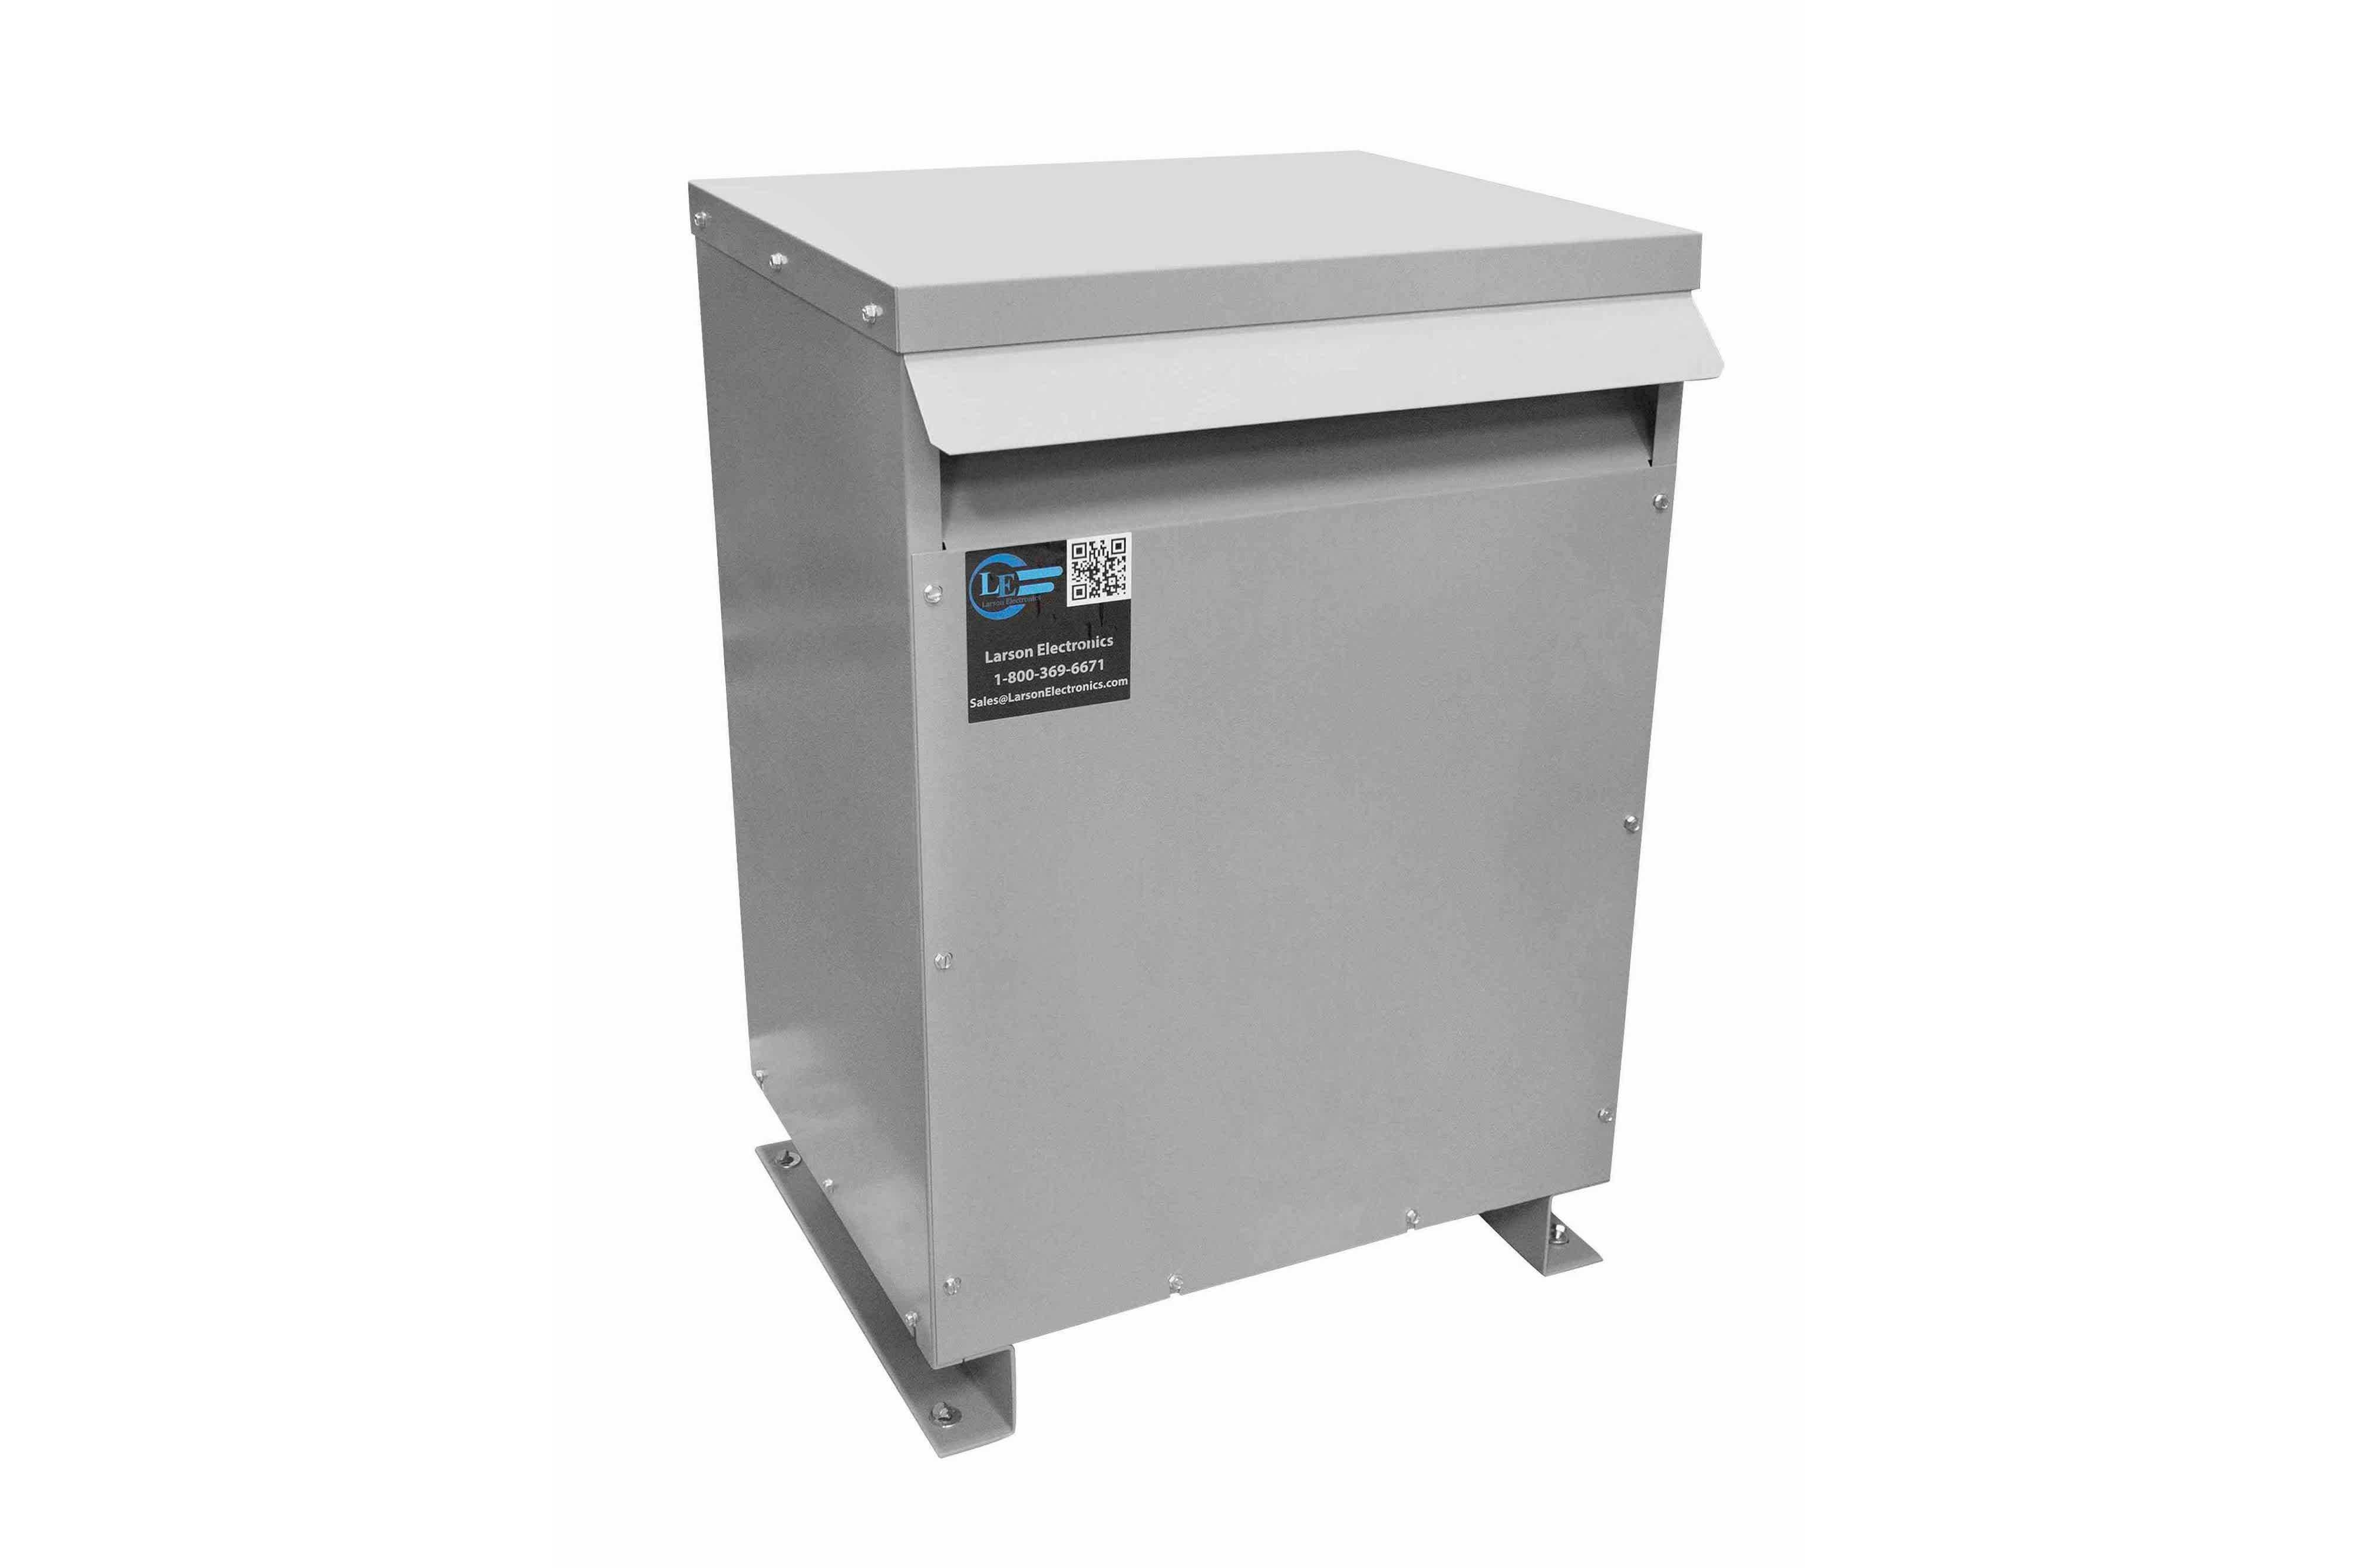 275 kVA 3PH Isolation Transformer, 240V Delta Primary, 480V Delta Secondary, N3R, Ventilated, 60 Hz